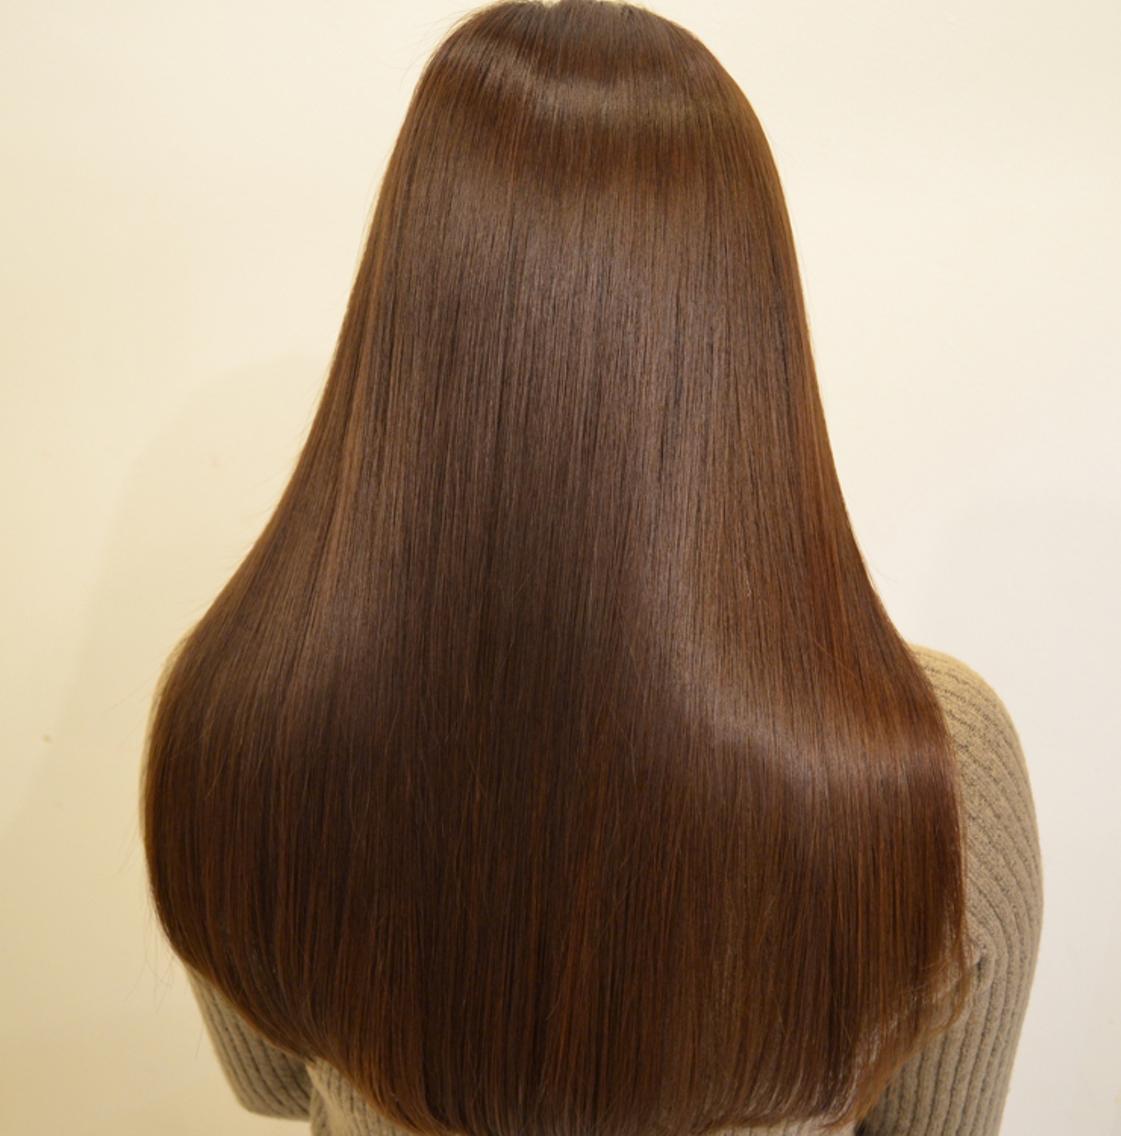 【✨髪質改善師✨】✂︎광택✂︎ケアリストによるまとまりやすい!扱いやすい!乾きやすい!を保証します!トリートメントで満足いってない方ぜひ一度ご来店ください。